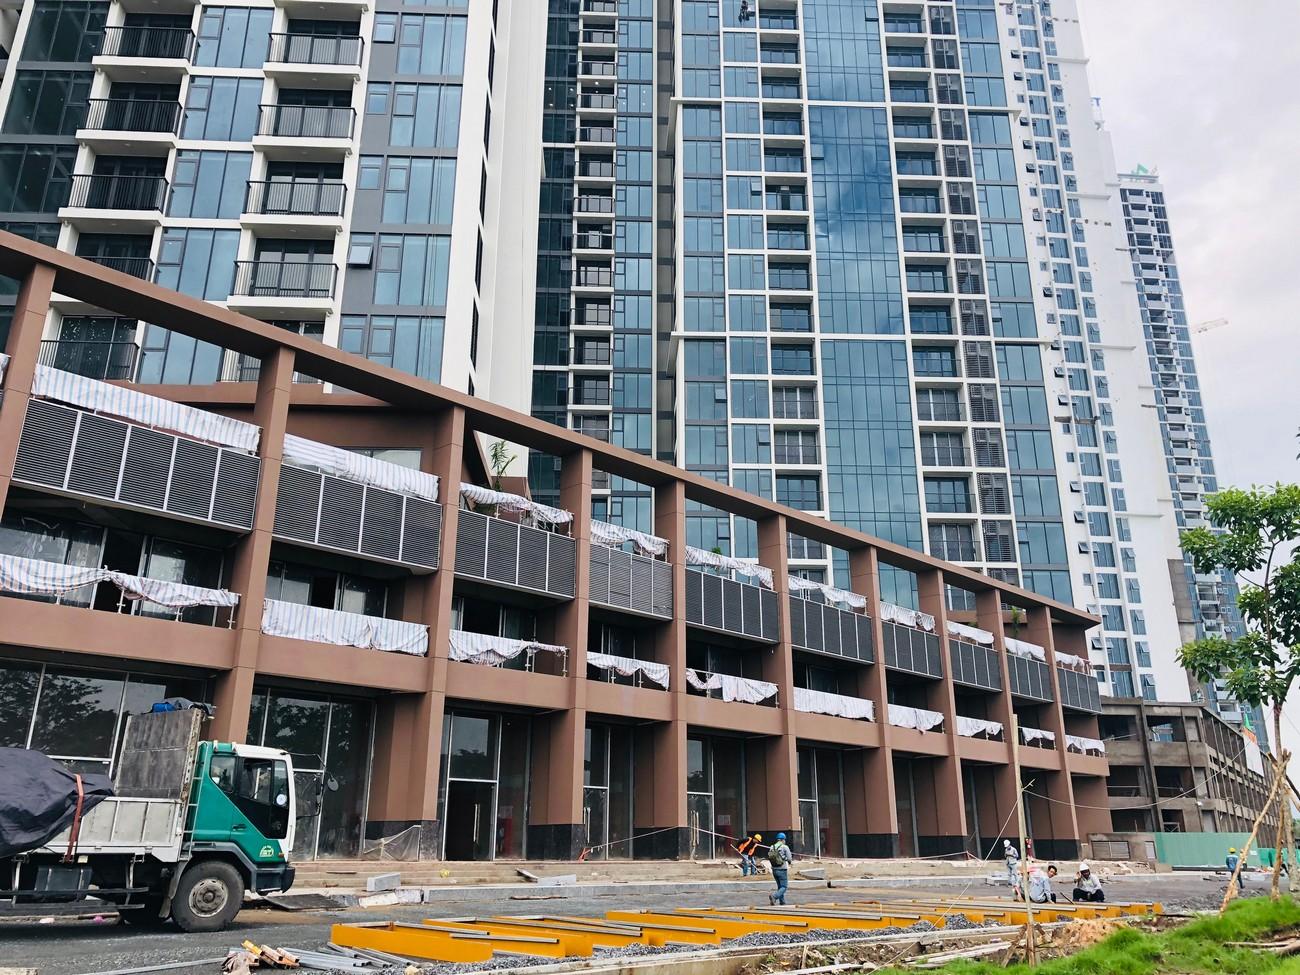 Tiến độ xây dựng dự án căn hộ Eco Green Sài Gòn 08/2020